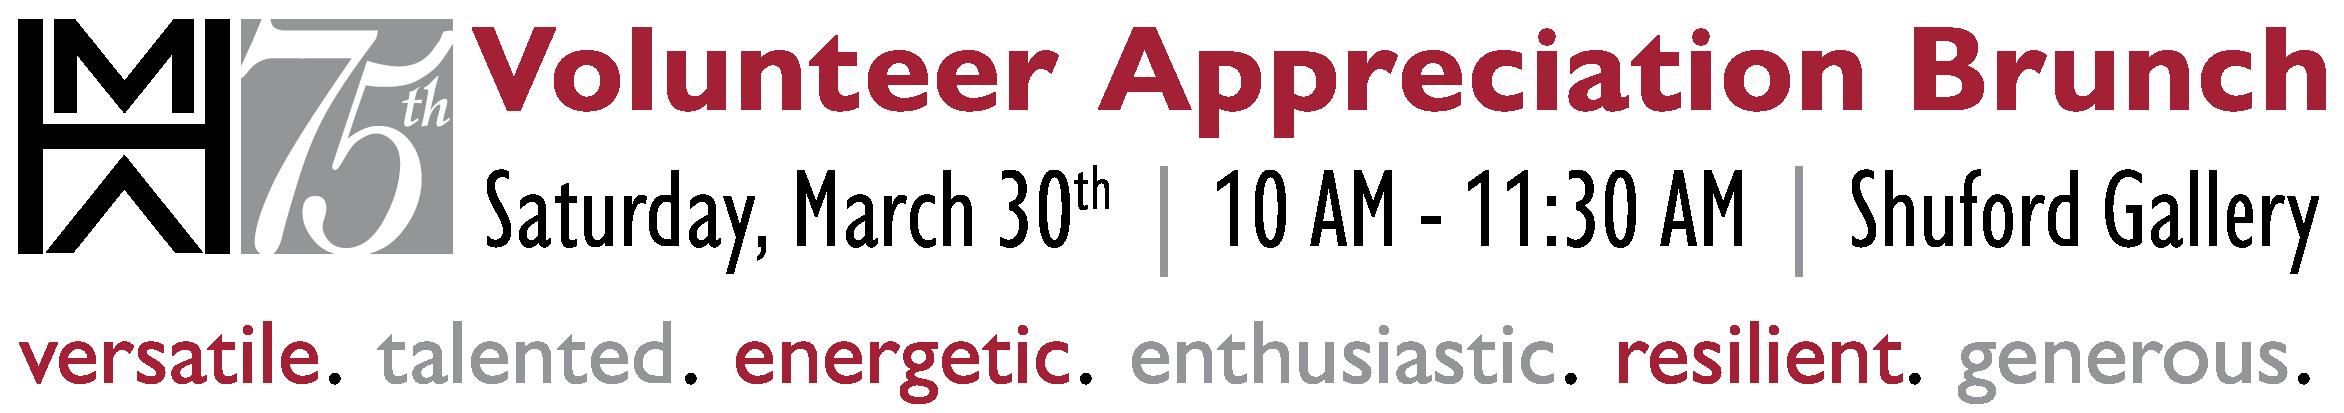 2019 Volunteer Appreciation Brunch Header Art.png